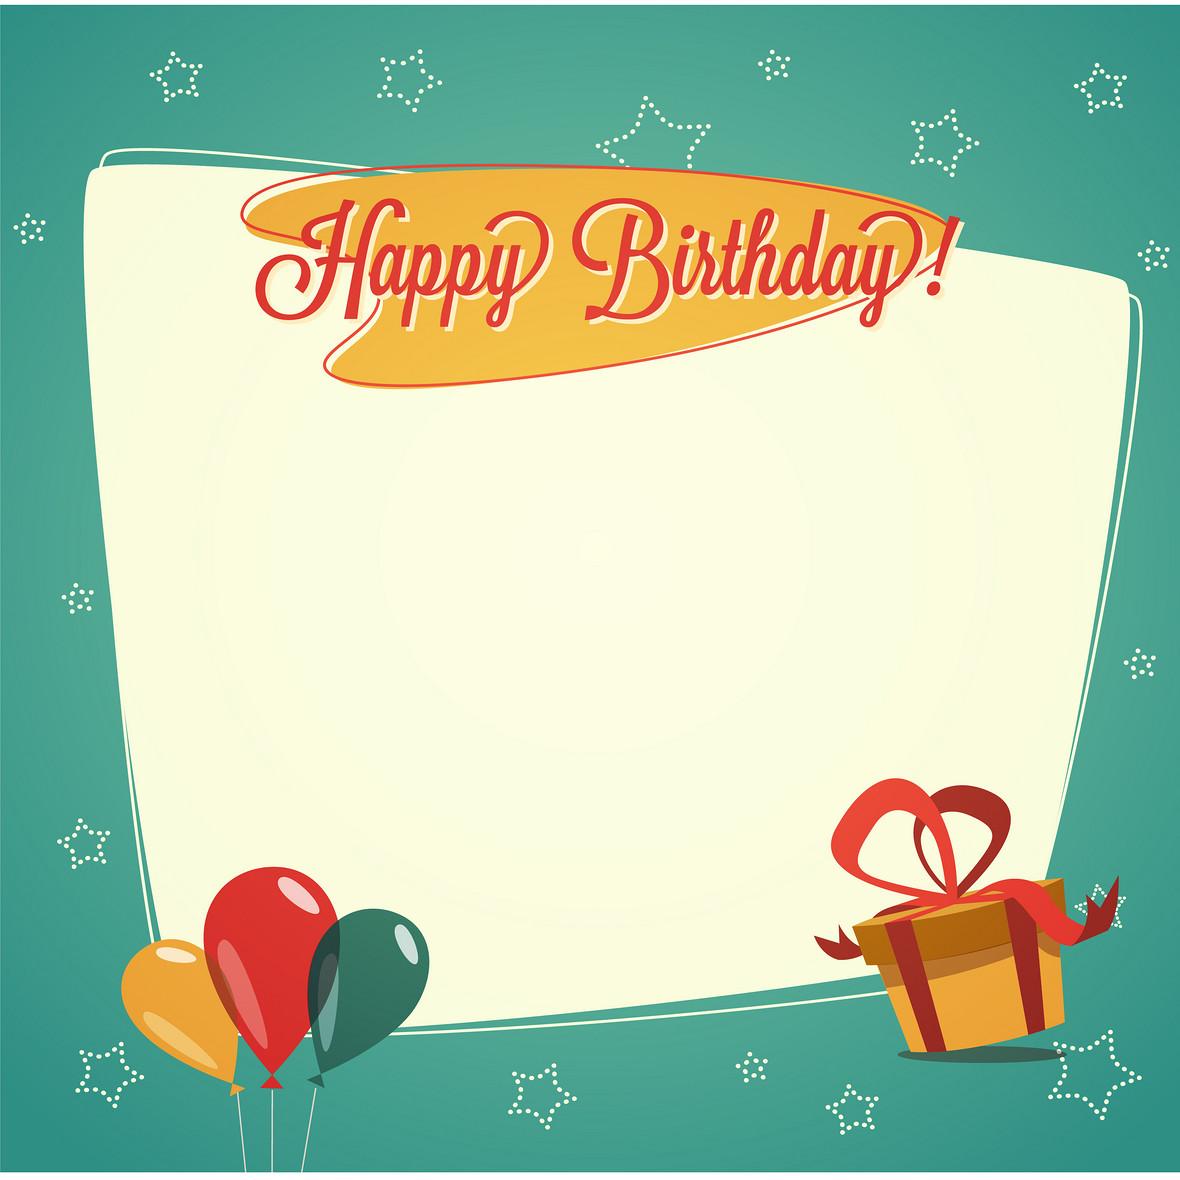 手绘生日卡片礼盒绿色背景